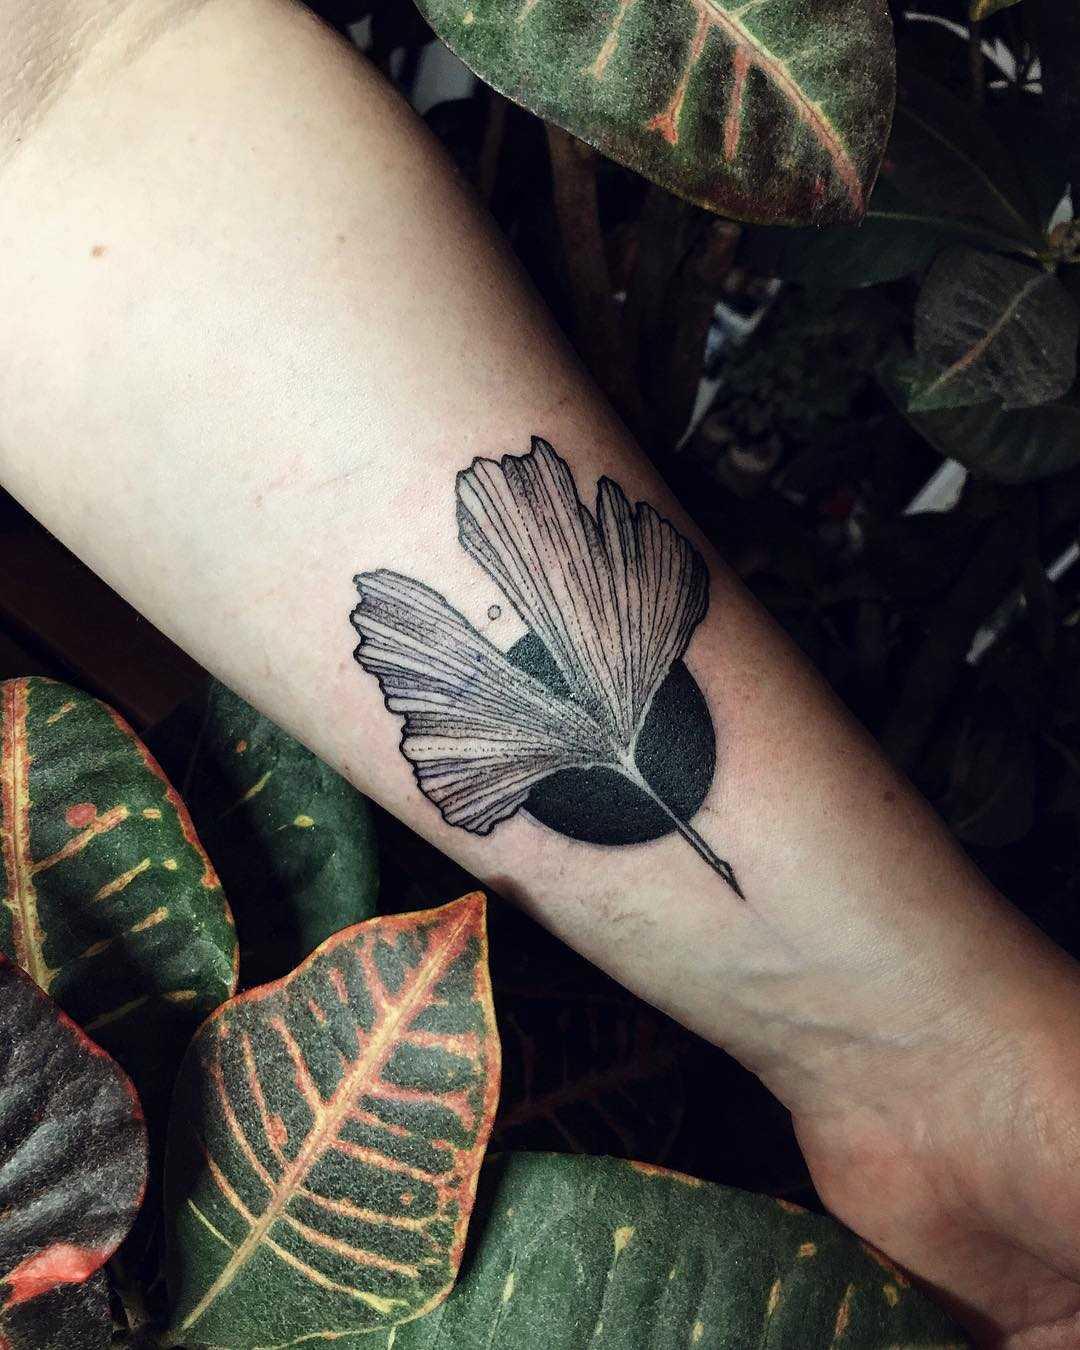 Ginkgo leaf and a black circle tattoo